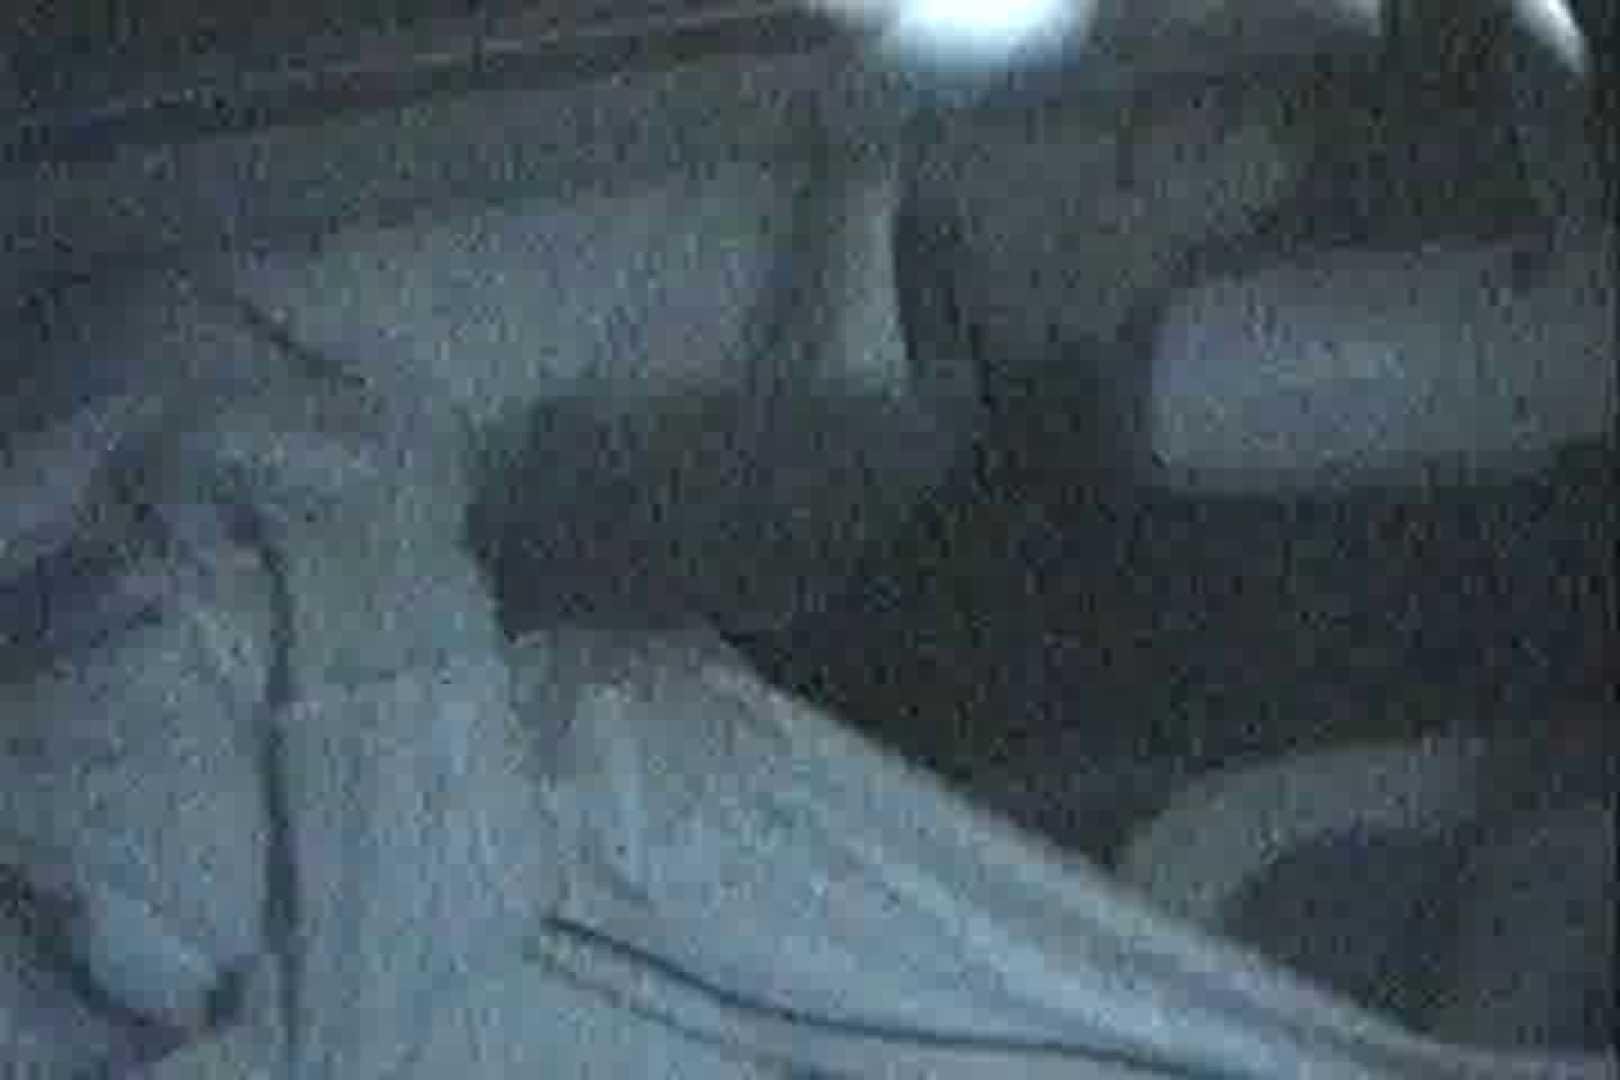 充血監督の深夜の運動会Vol.14 OLセックス 盗撮オマンコ無修正動画無料 103画像 50